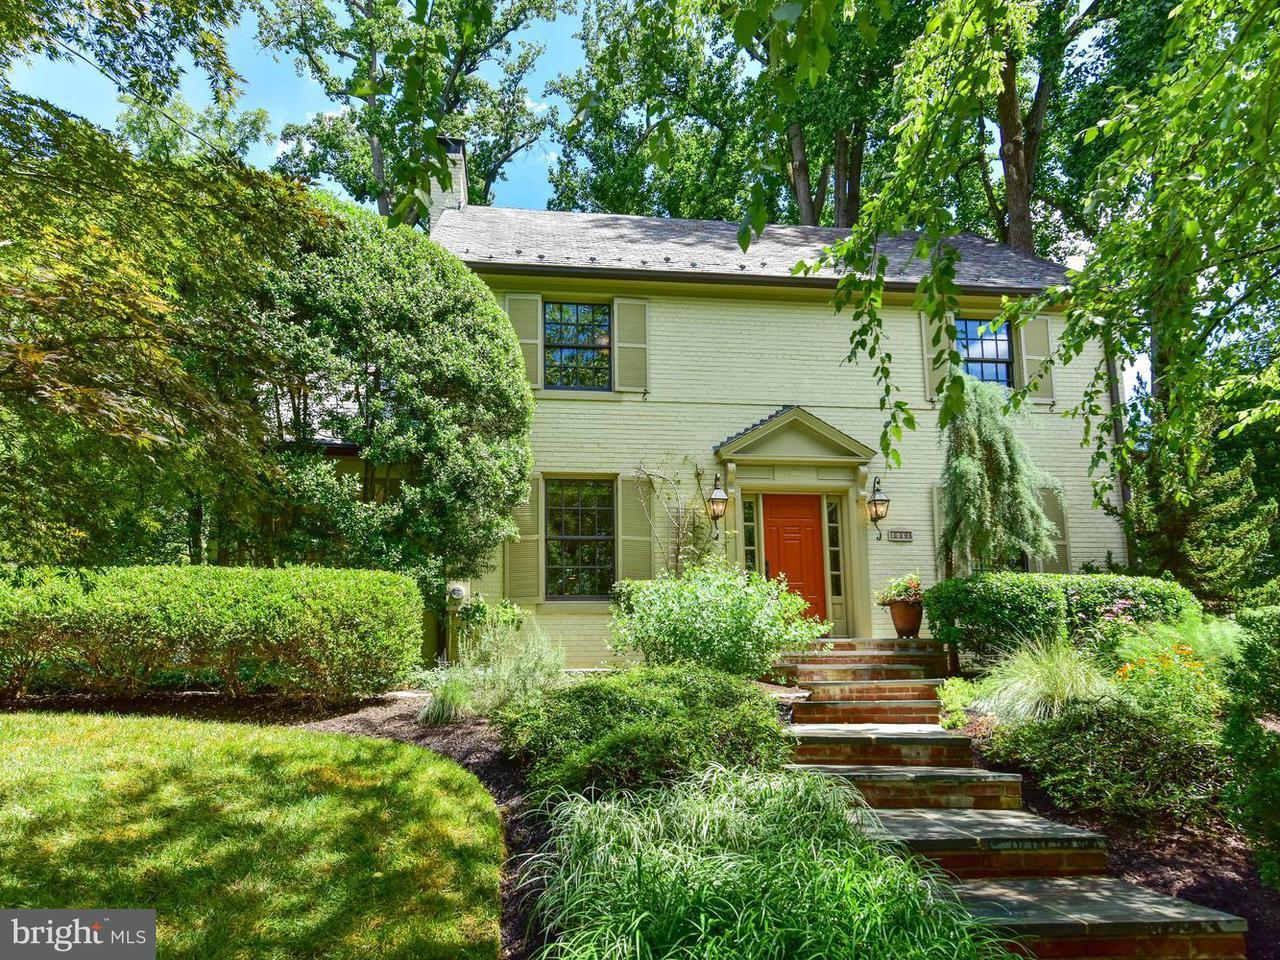 Частный односемейный дом для того Продажа на 4409 DEXTER ST NW 4409 DEXTER ST NW Washington, Округ Колумбия 20007 Соединенные Штаты